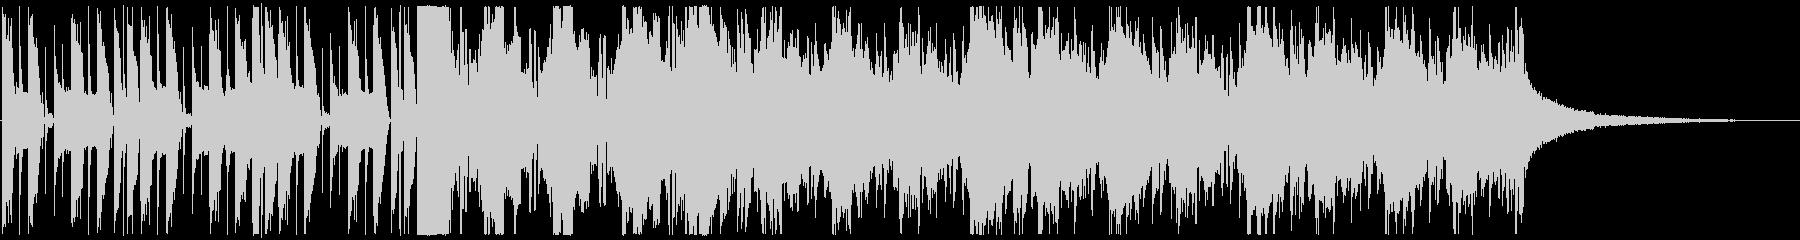 ライザップ風ボイスパーカッションの楽曲の未再生の波形